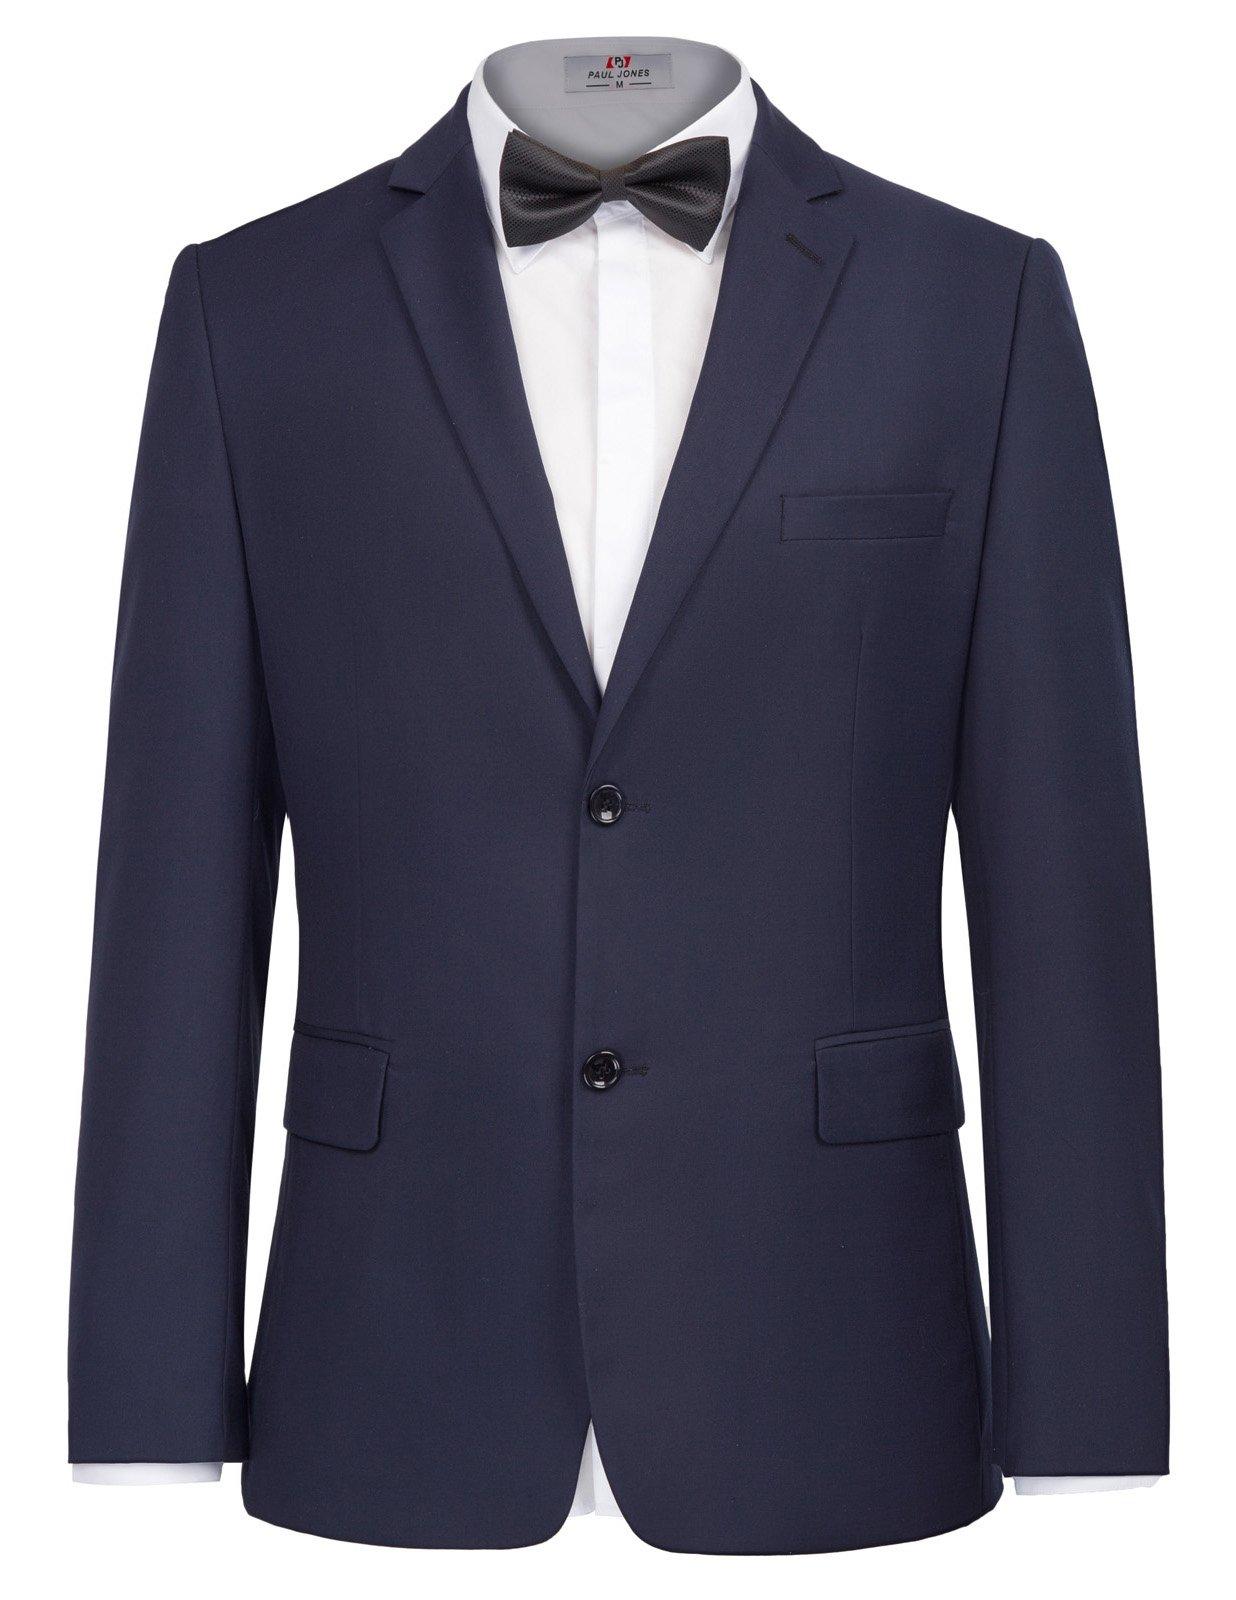 PAUL JONES Men's Classic Fit Dress Suits 2 Piece Suits Notch Lapel for Dance Party